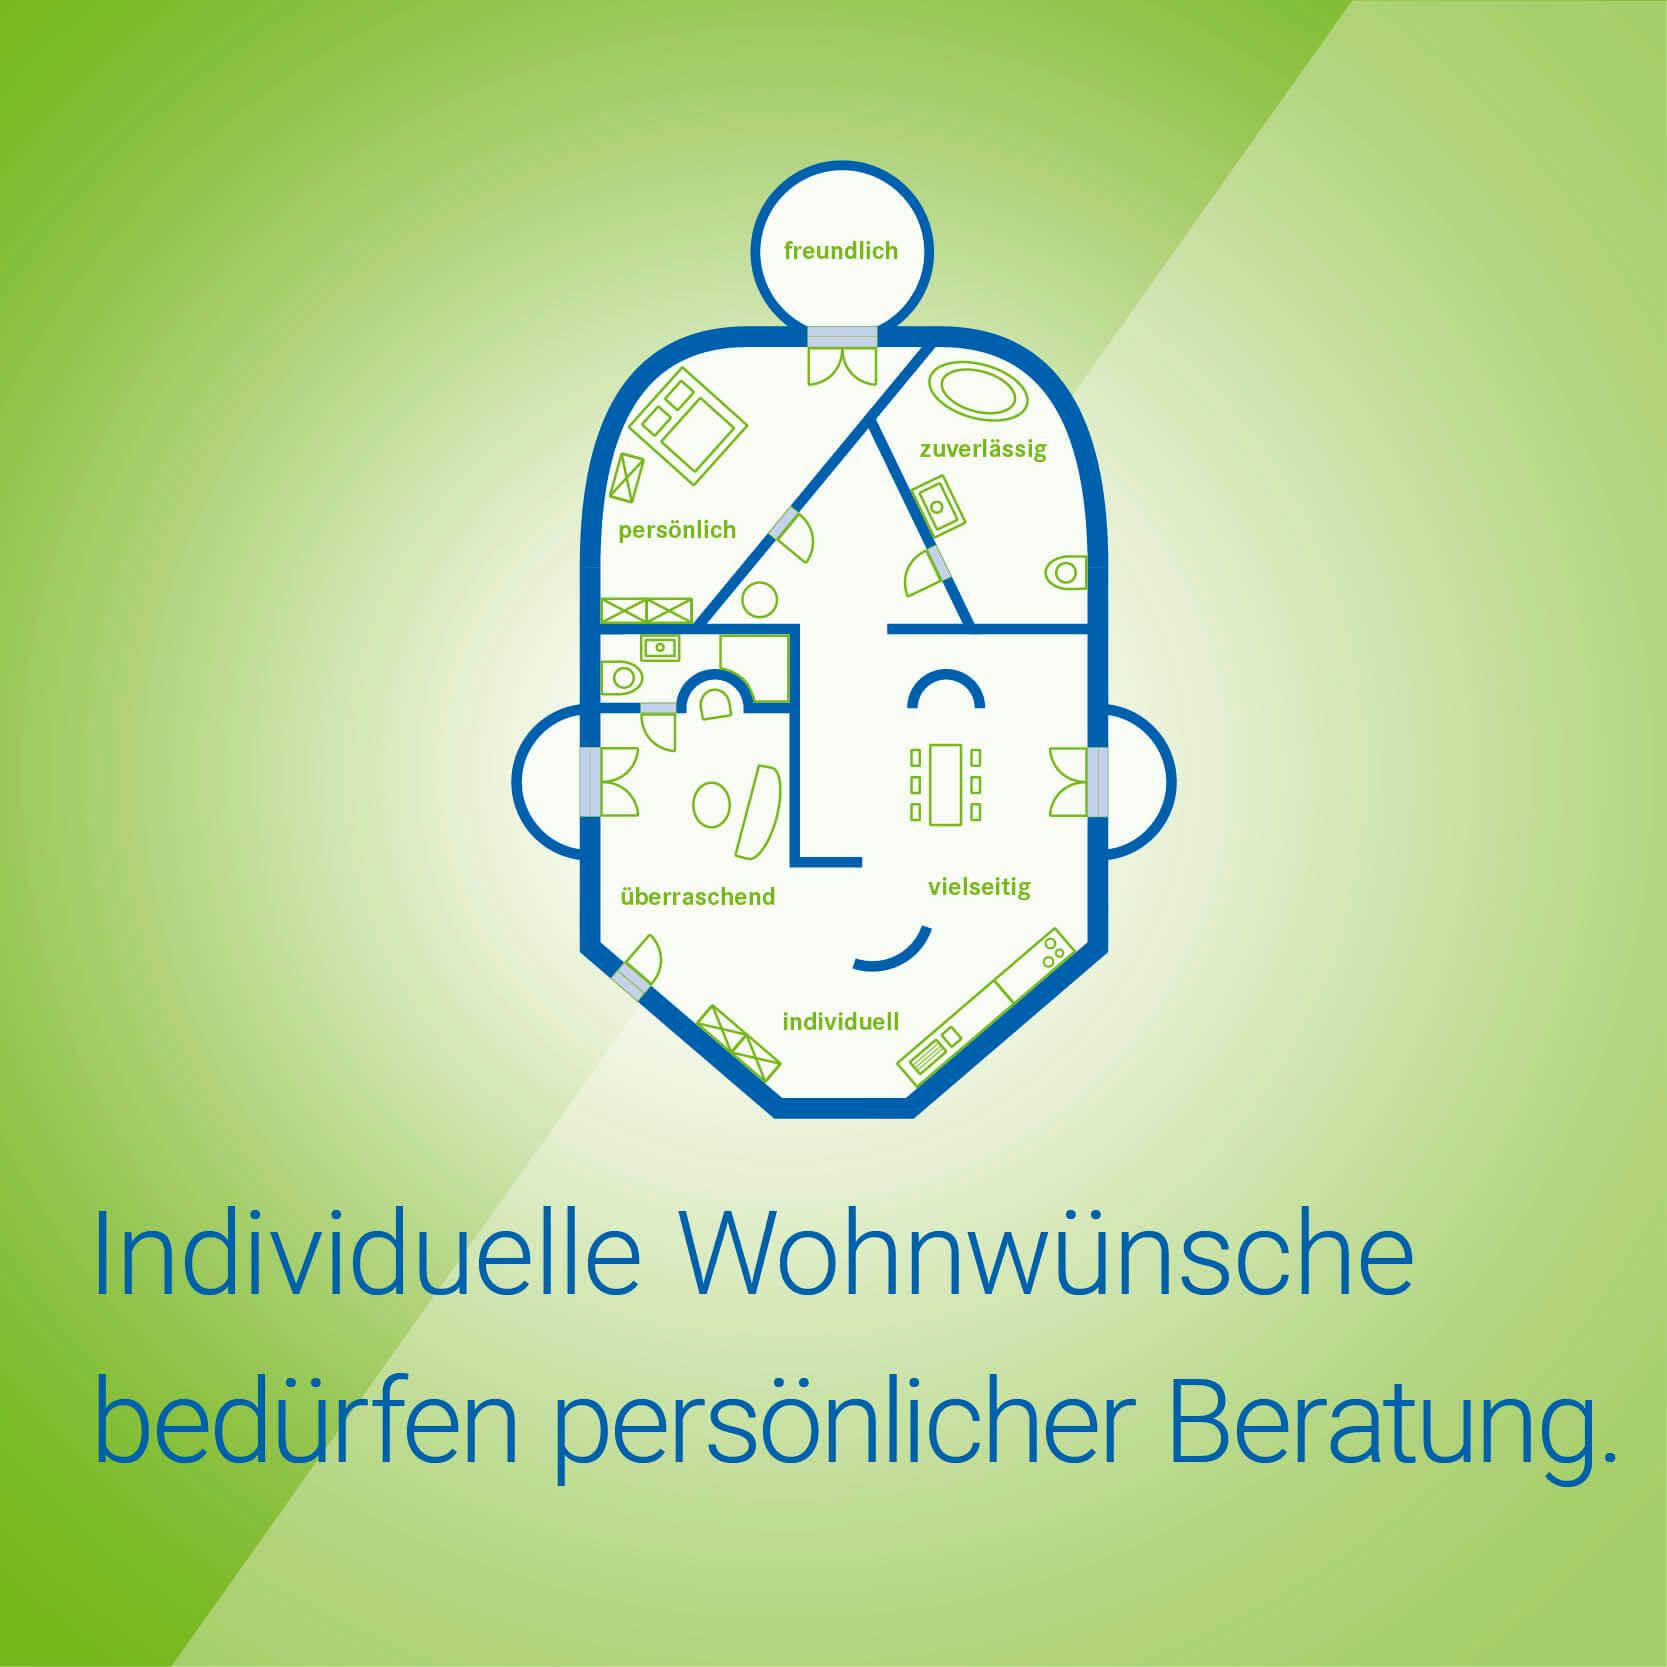 Individuelle Wohnwünsche bedürfen persönlicher Beratung